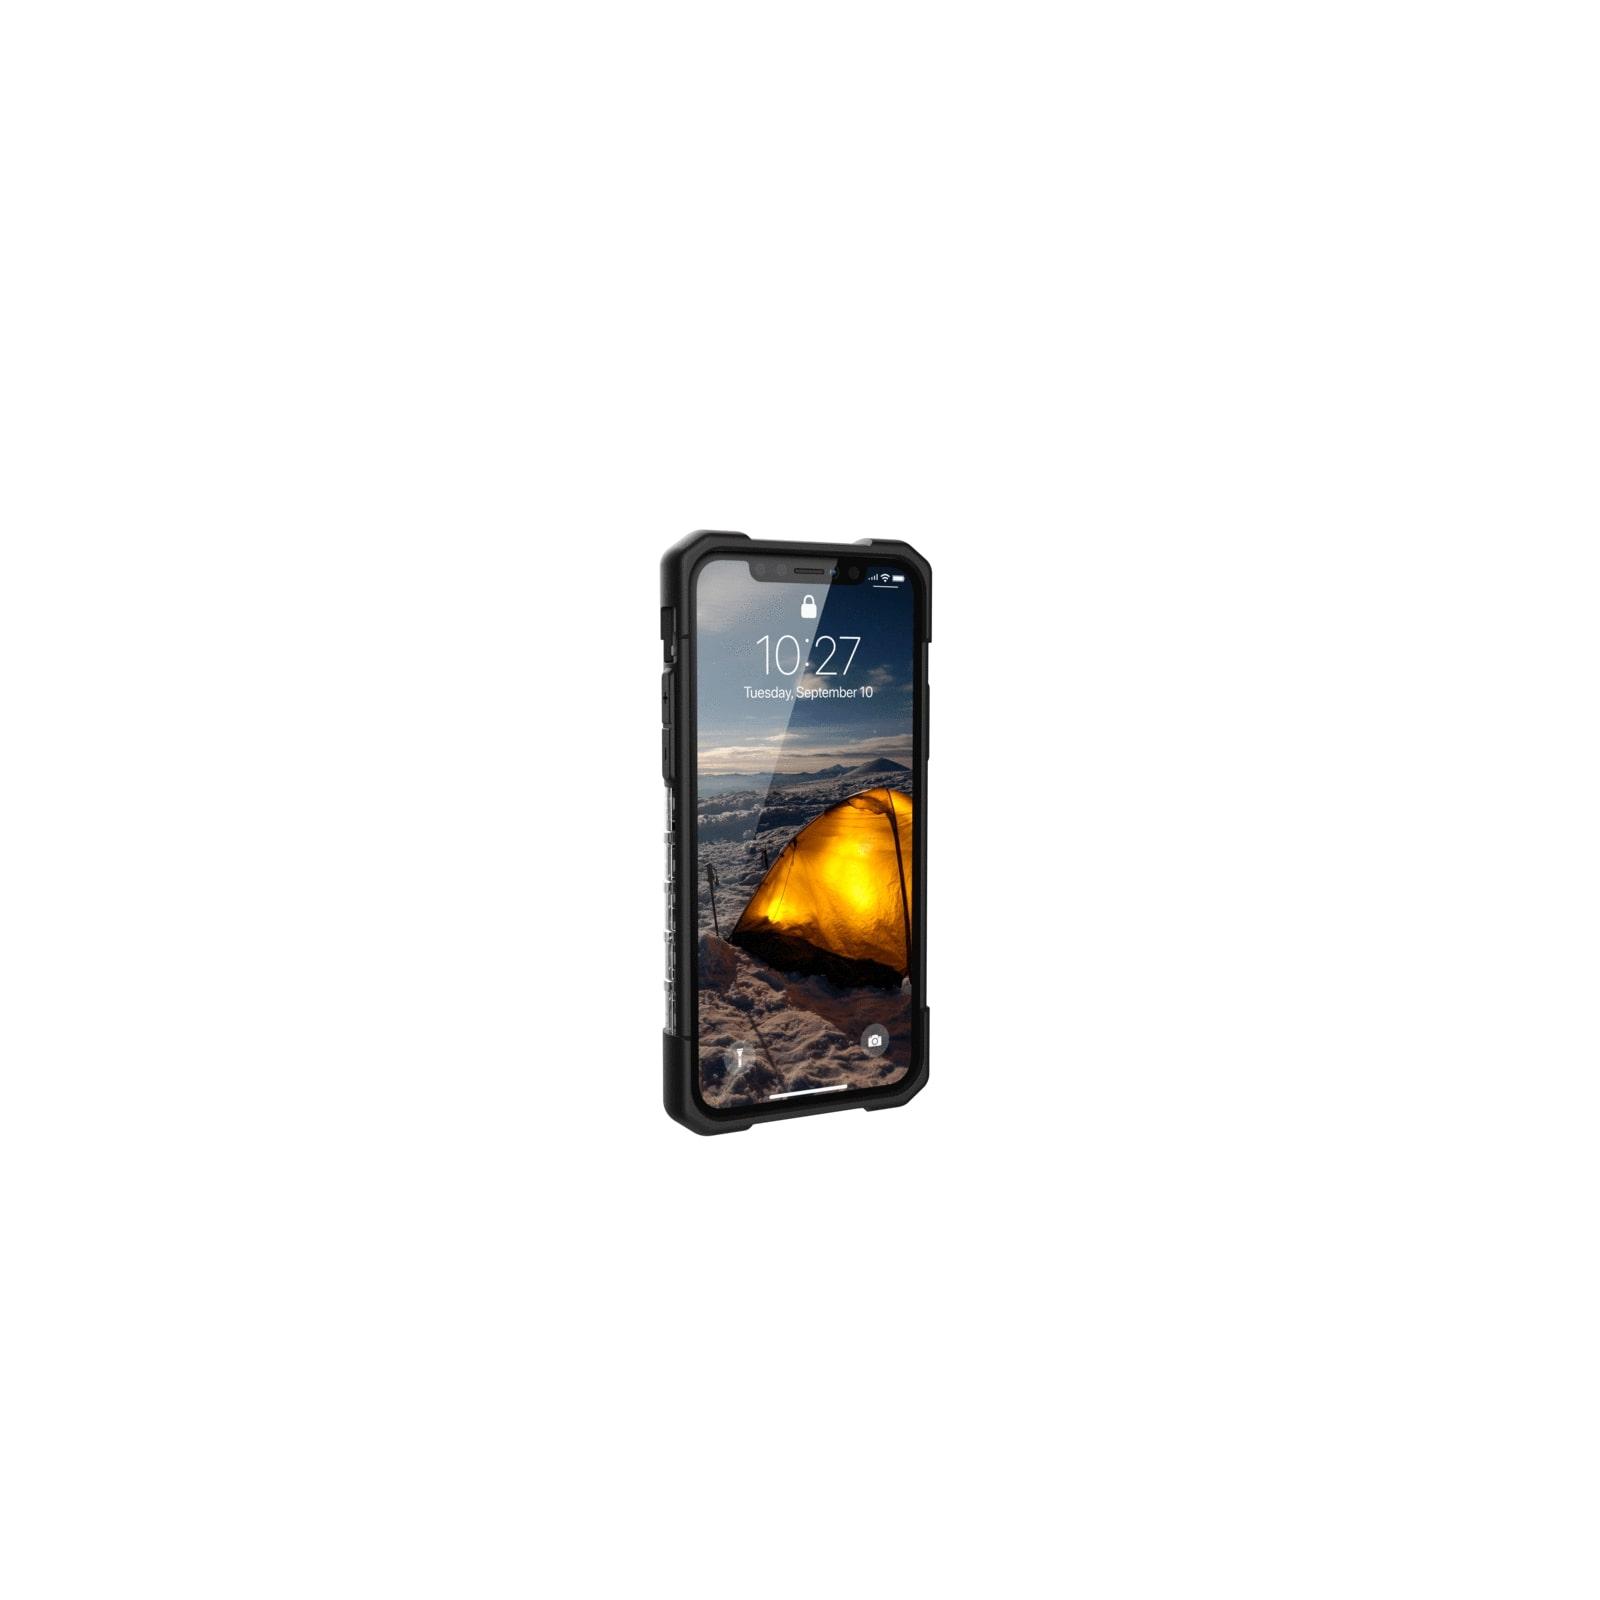 Чехол для моб. телефона Uag iPhone 11 Pro Plasma, Ice (111703114343) изображение 4